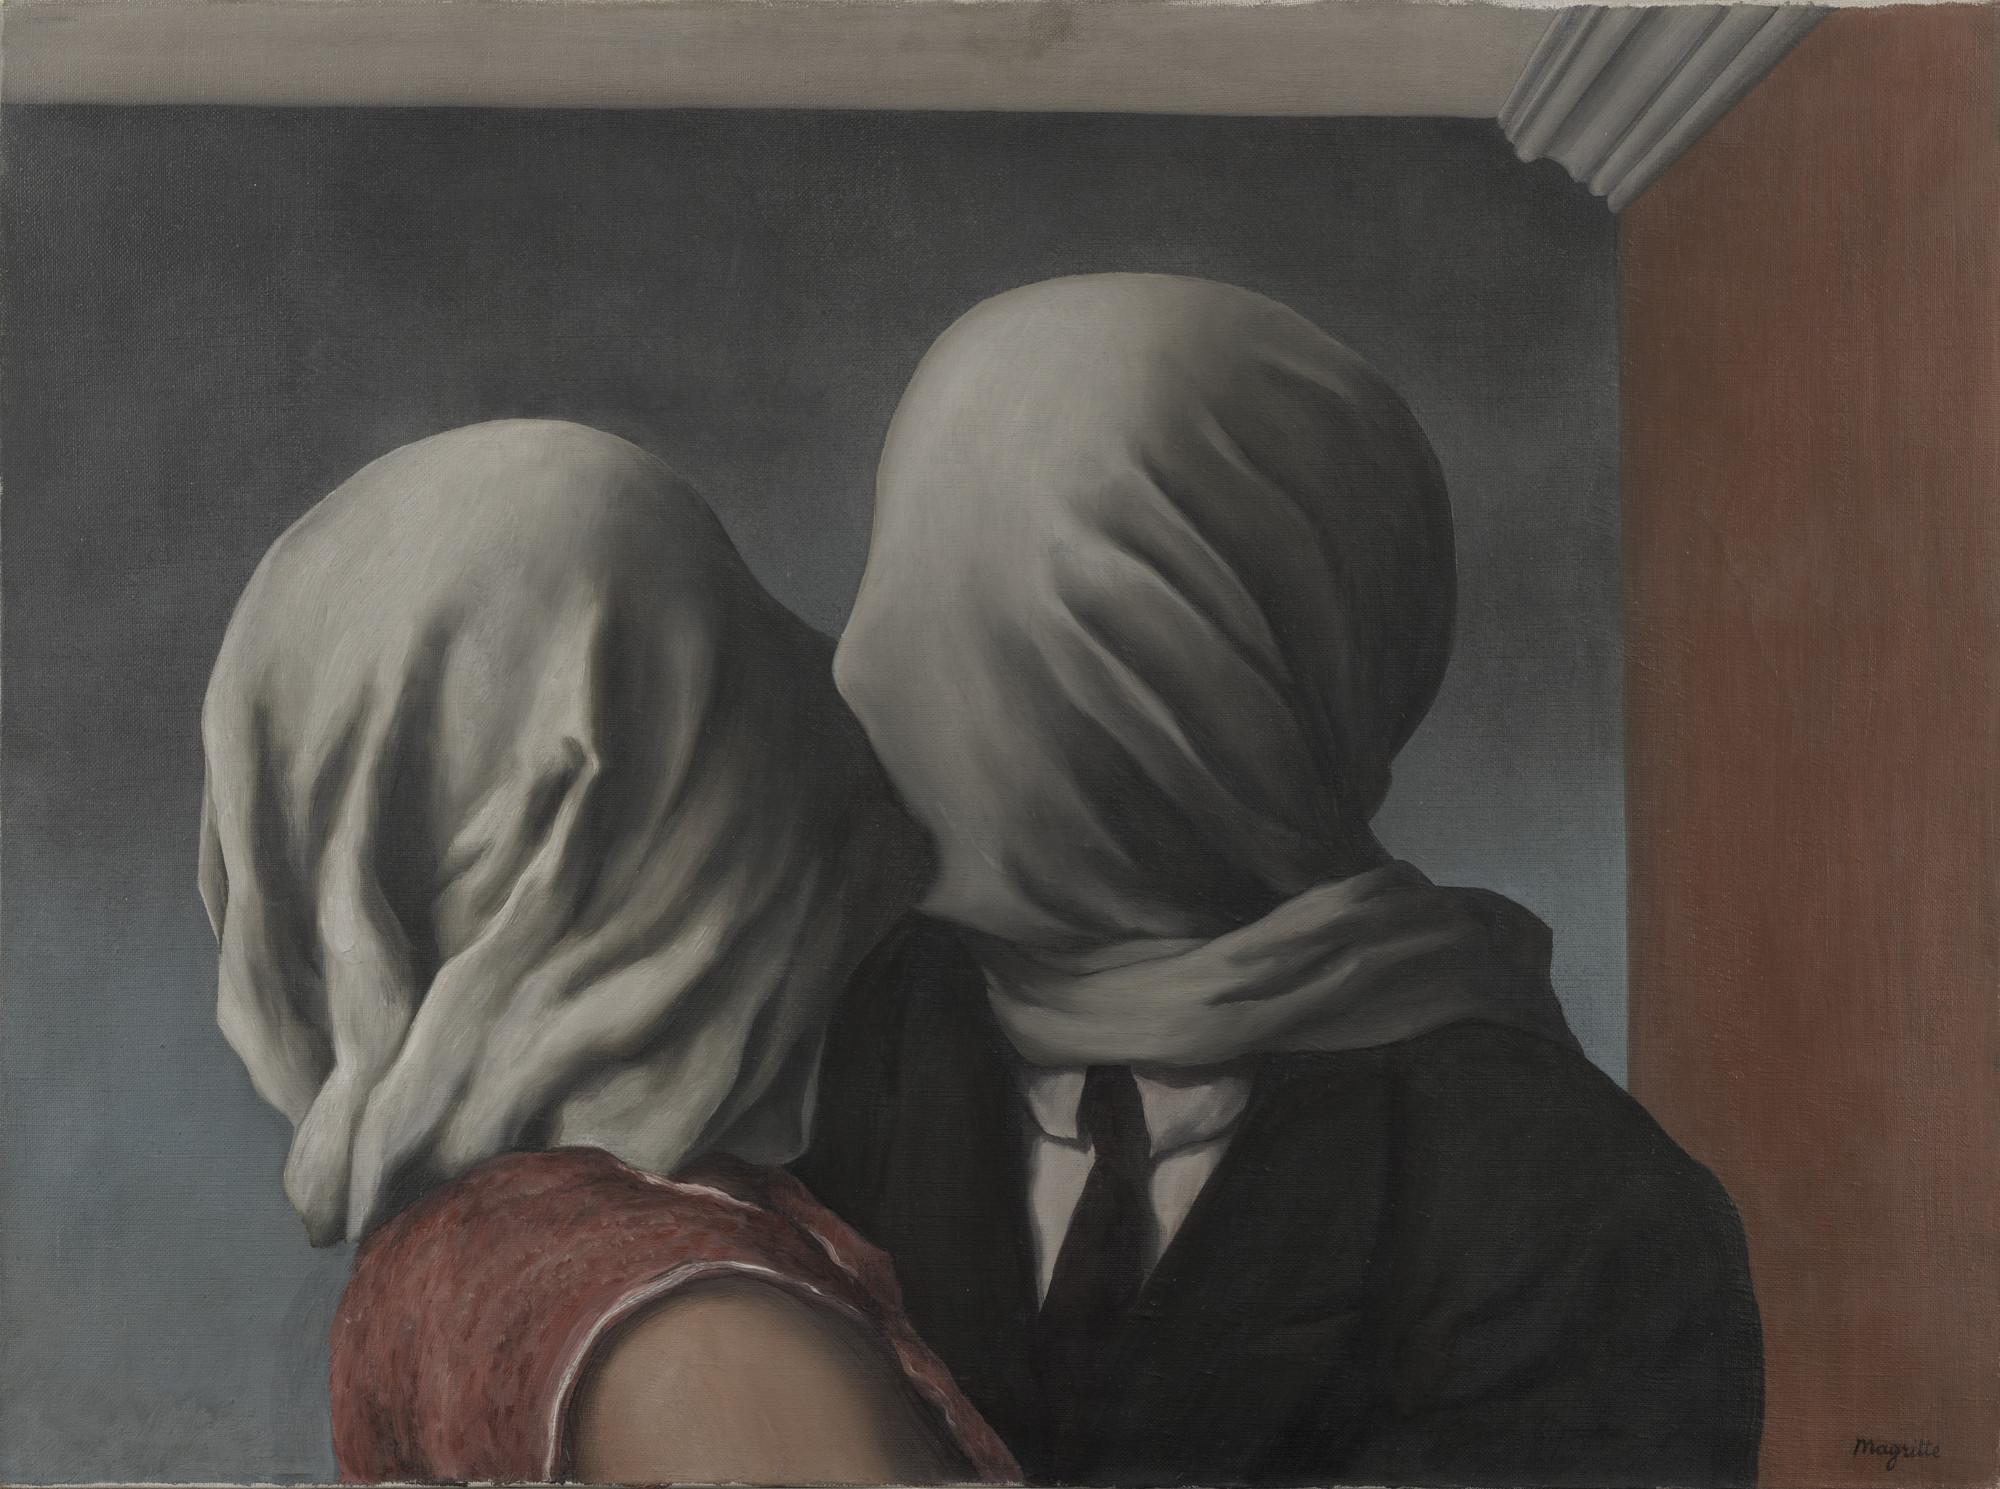 Resultado de imagem para Rene magritte